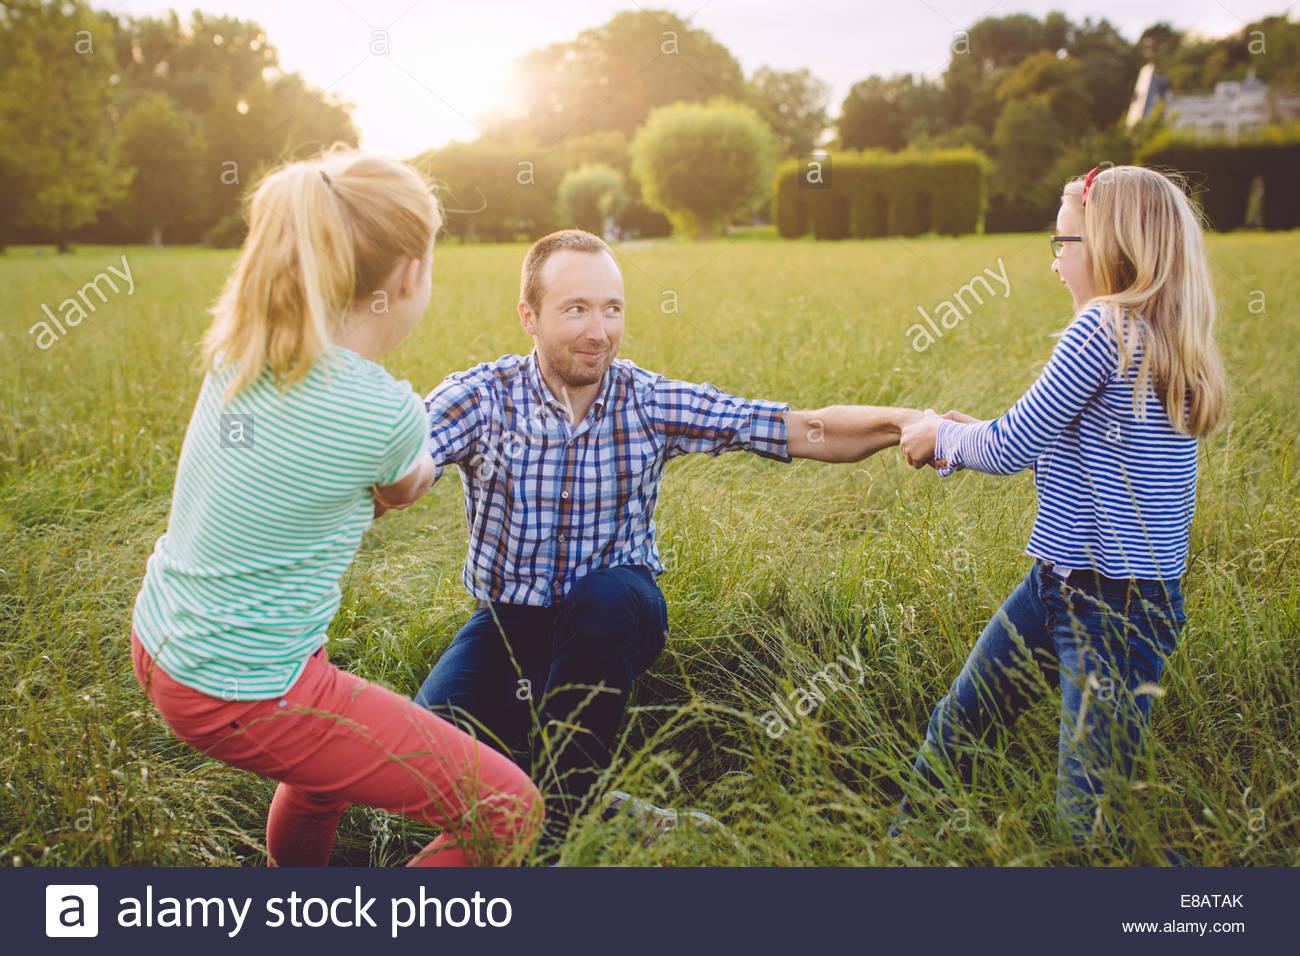 Deux jeunes filles père tirant jusqu'au-dessus du sol Photo Stock